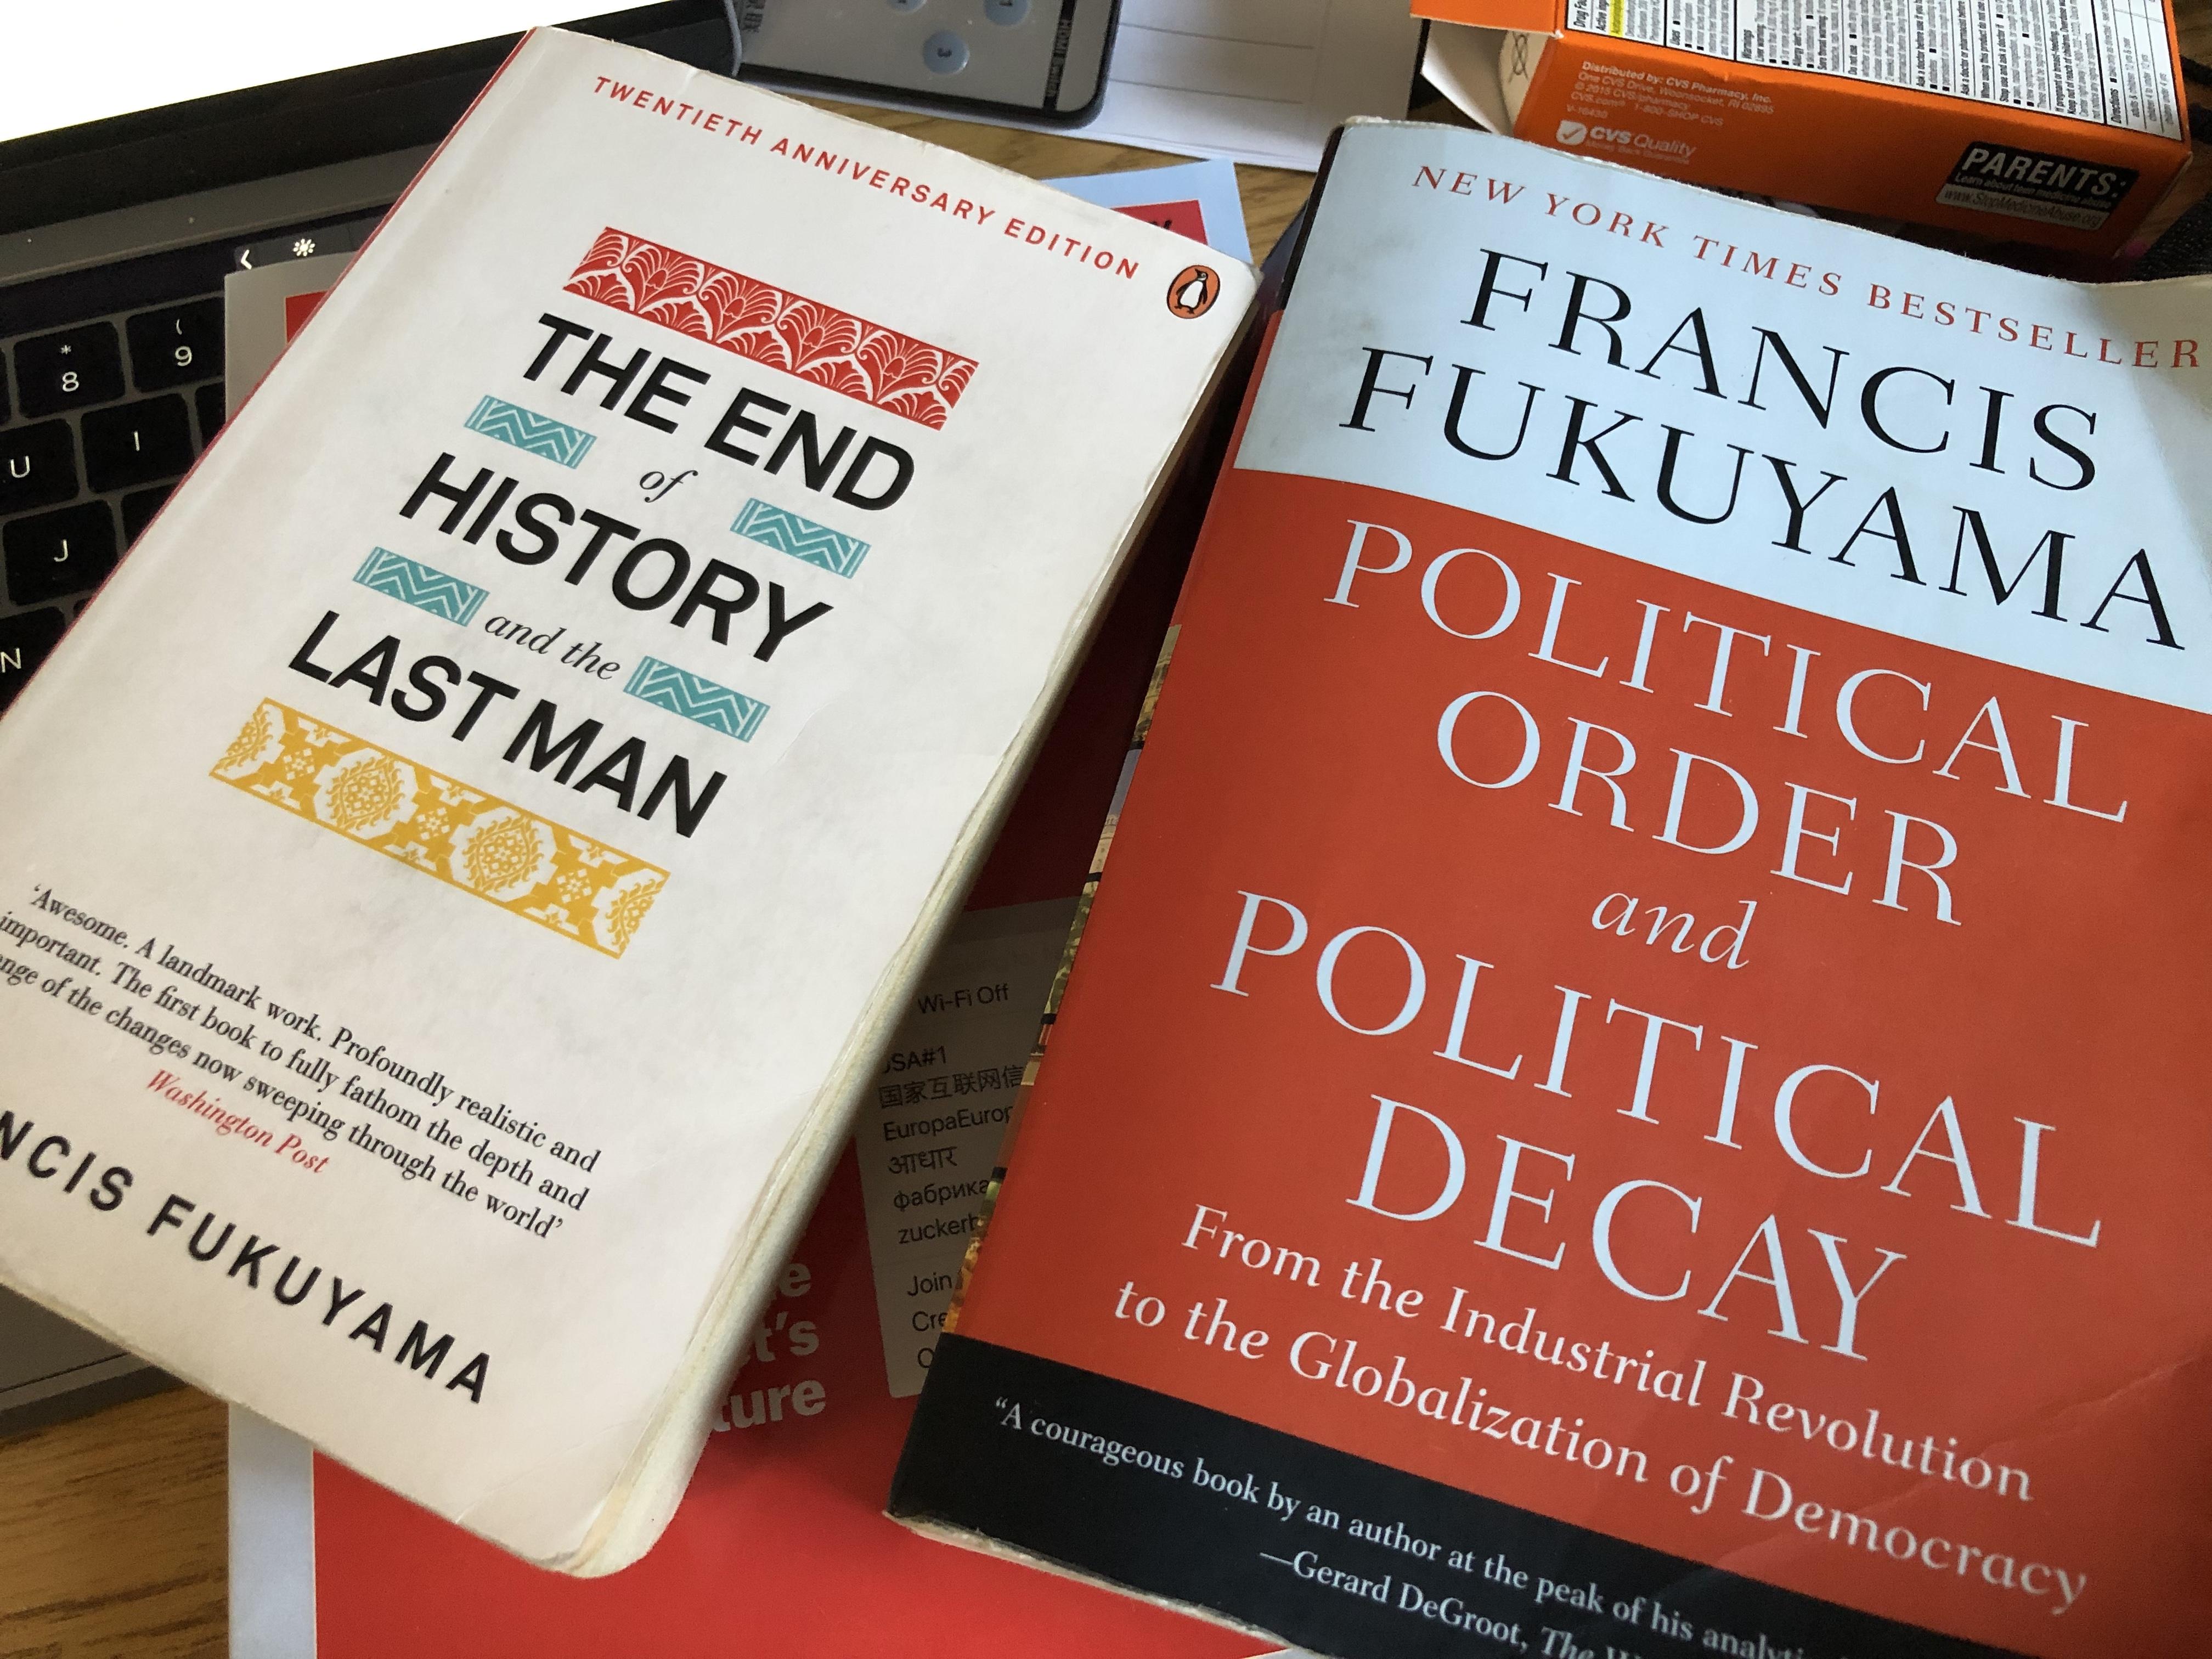 Francis Fukuyama and identity